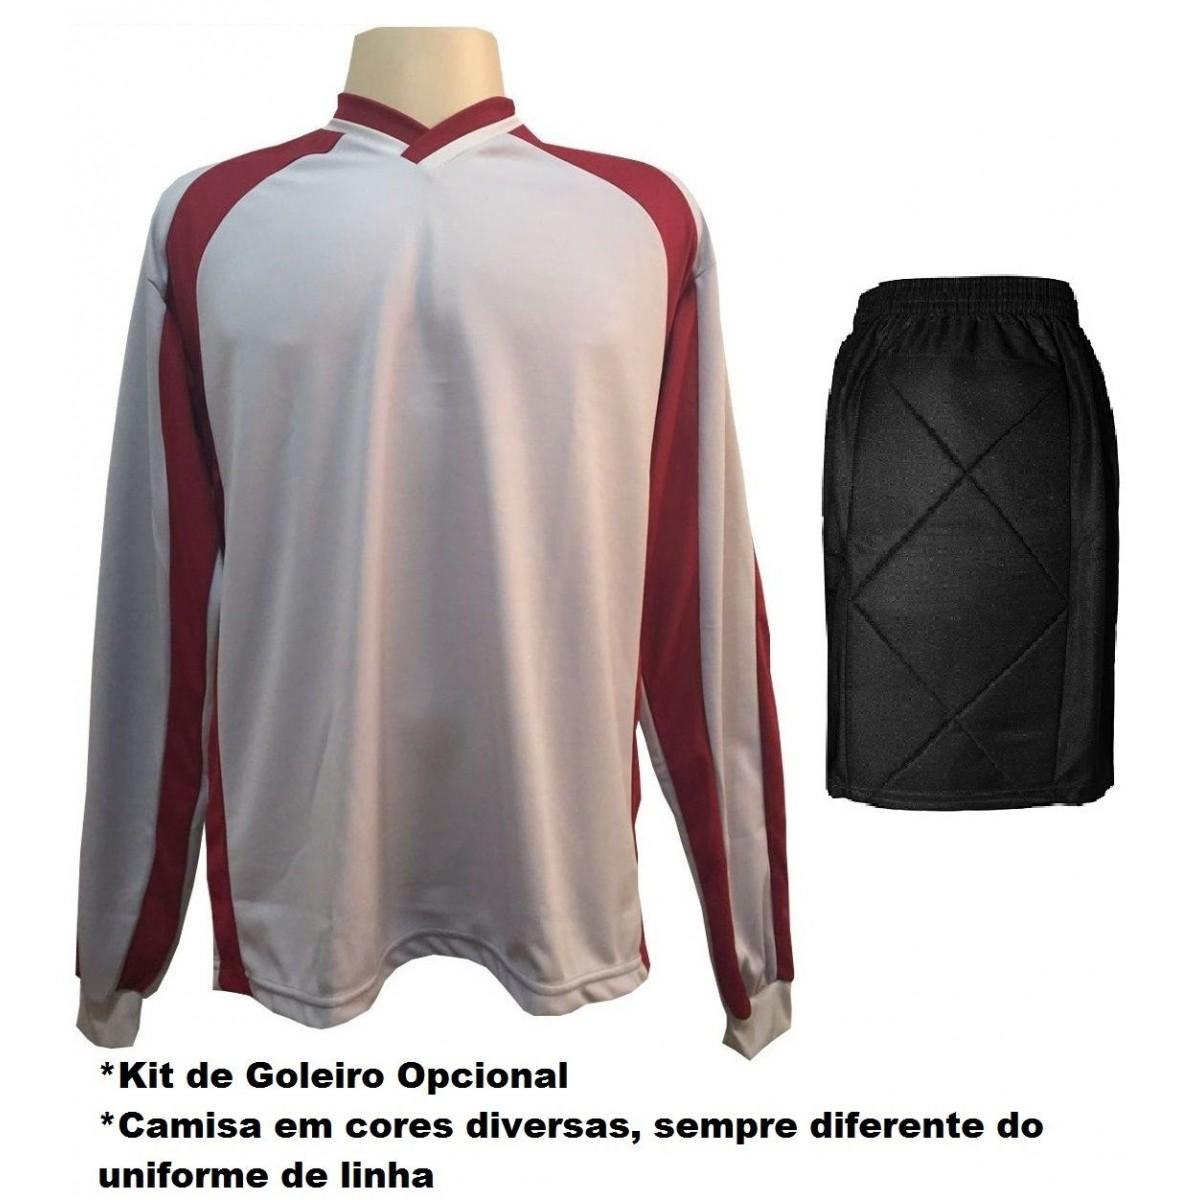 Uniforme Esportivo com 14 Camisas modelo Suécia Verde/Branco + 14 Calções modelo Copa Verde/Branco + Brindes